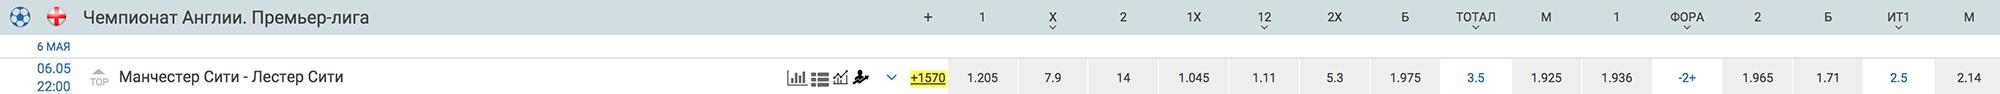 Линия на матч английской Премьер-лиги. В ней 10 основных и 1570 дополнительных исходов